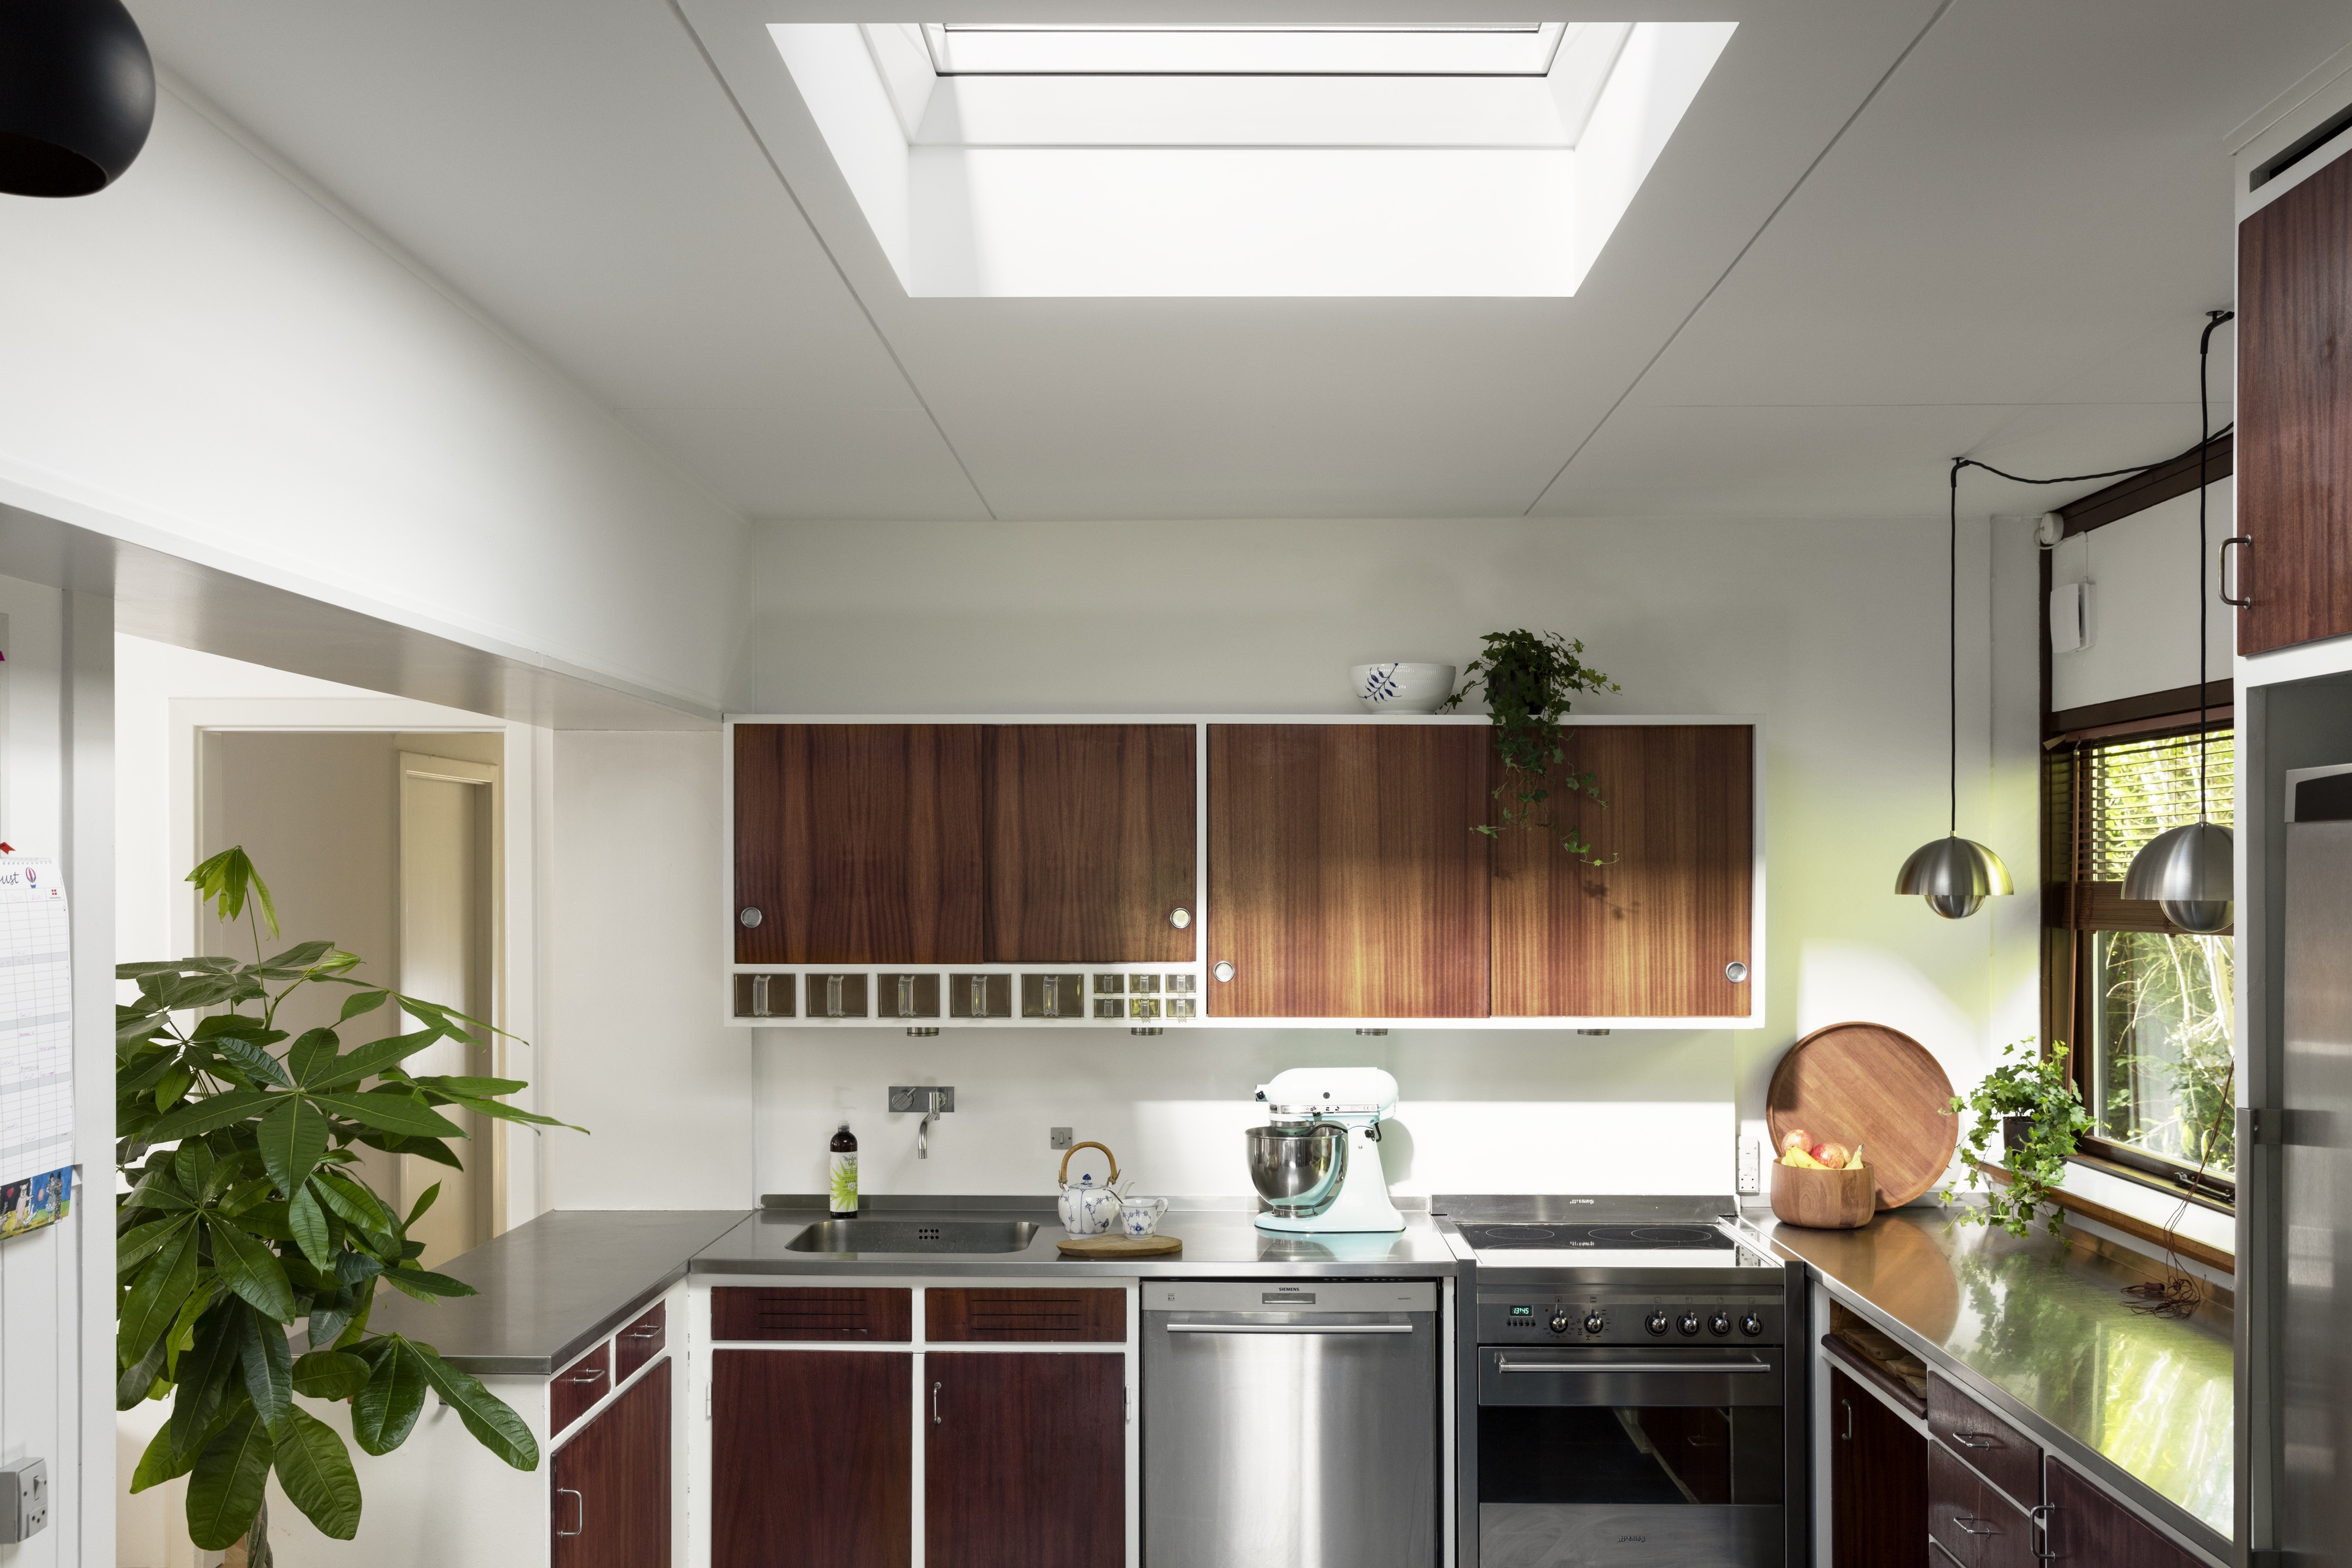 Come aggiungere una finestra con vetro curvo su un tetto for Finestra in cucina